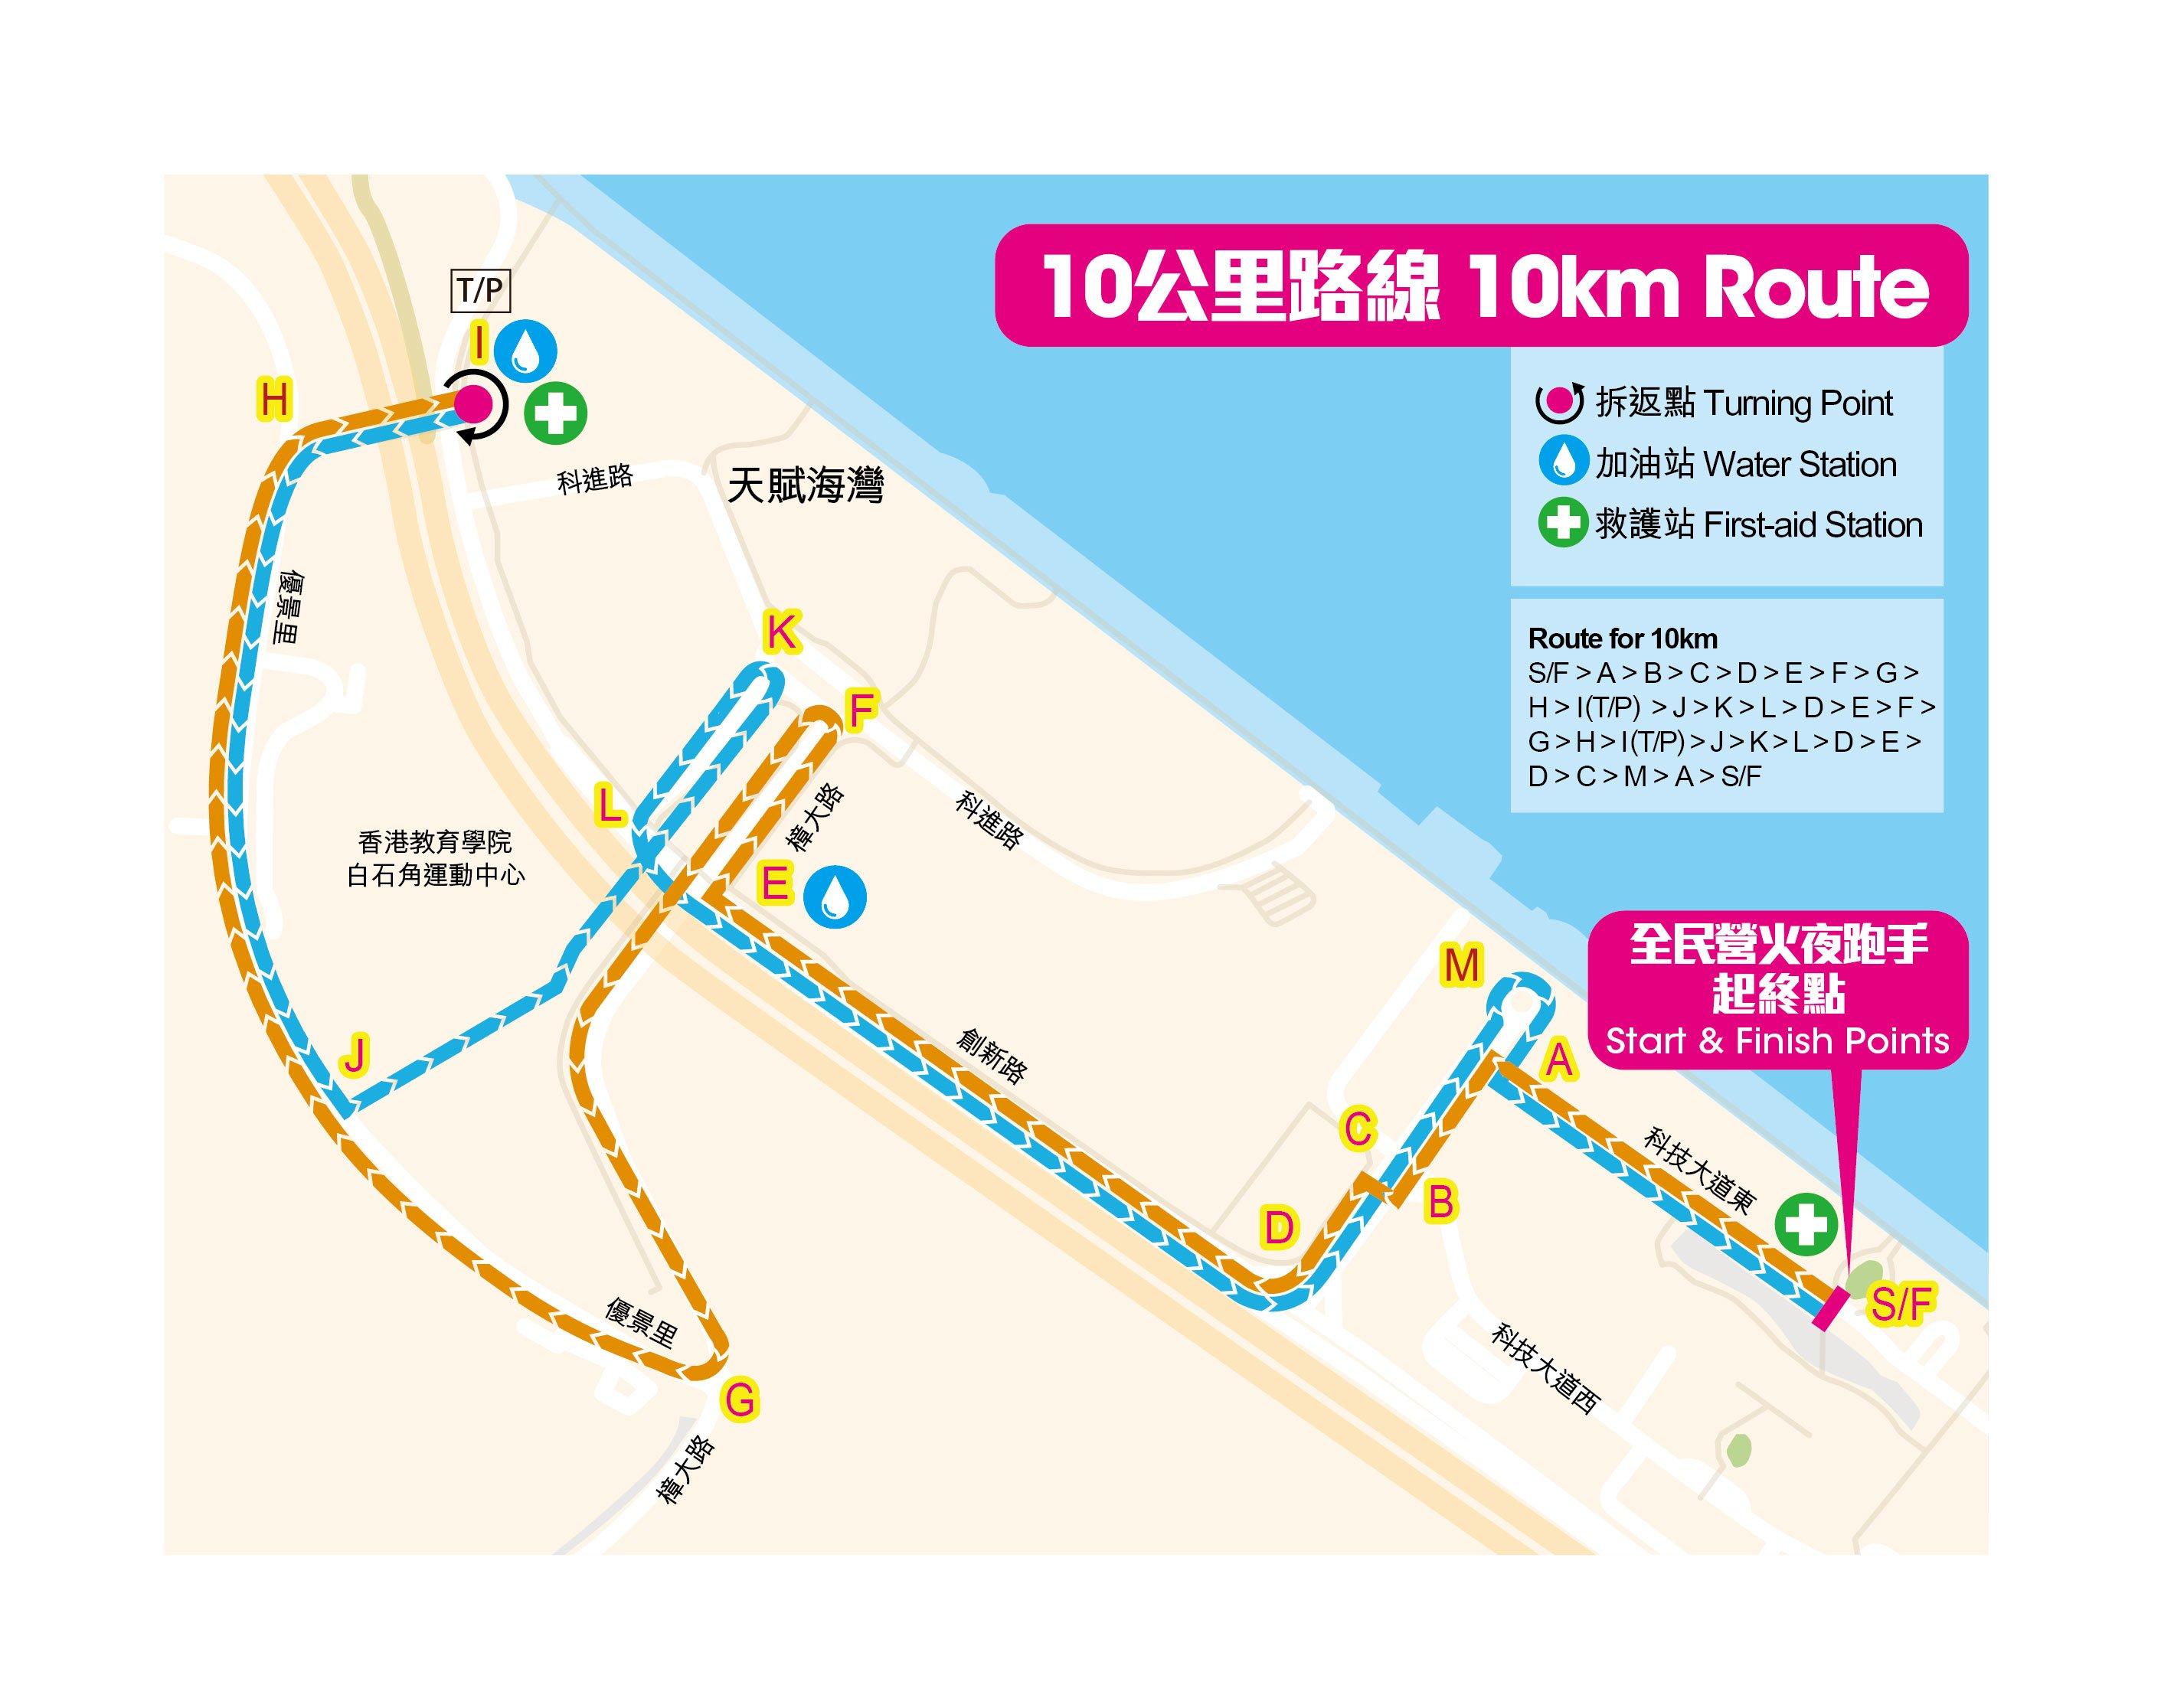 Let's Run x Mizuno 2016_10K Map_V4